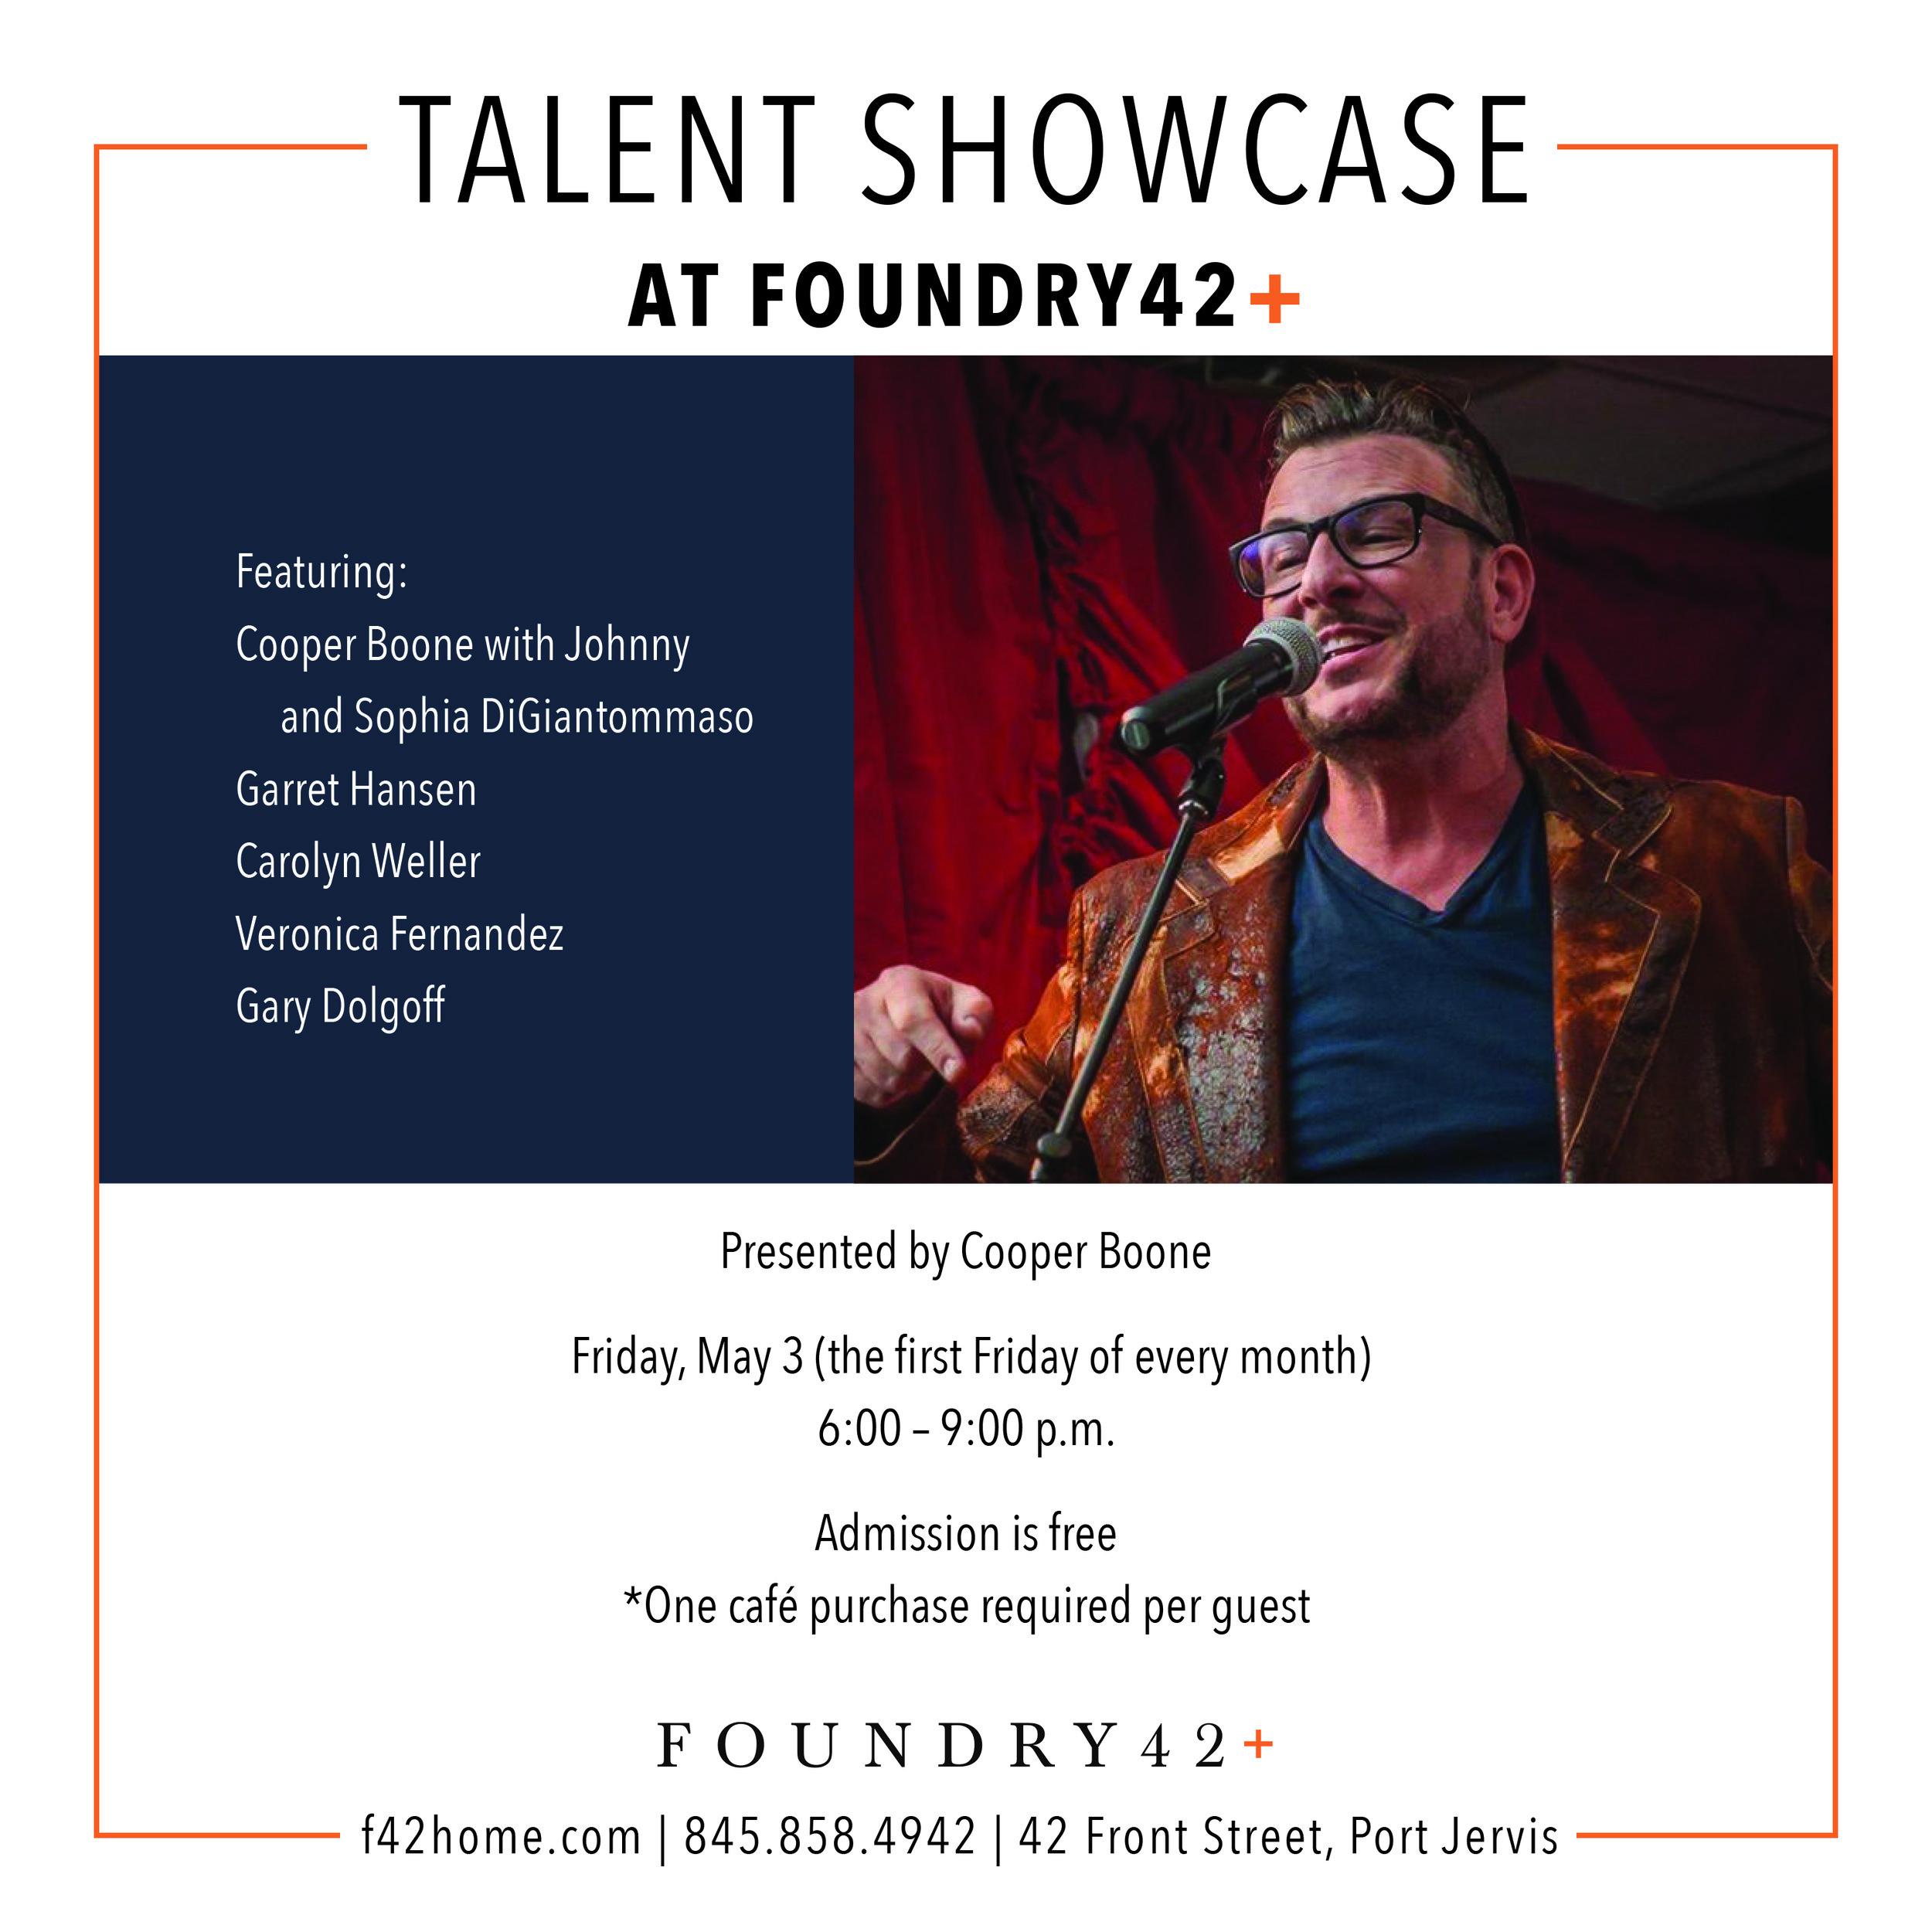 talentshowcaseMay.jpg